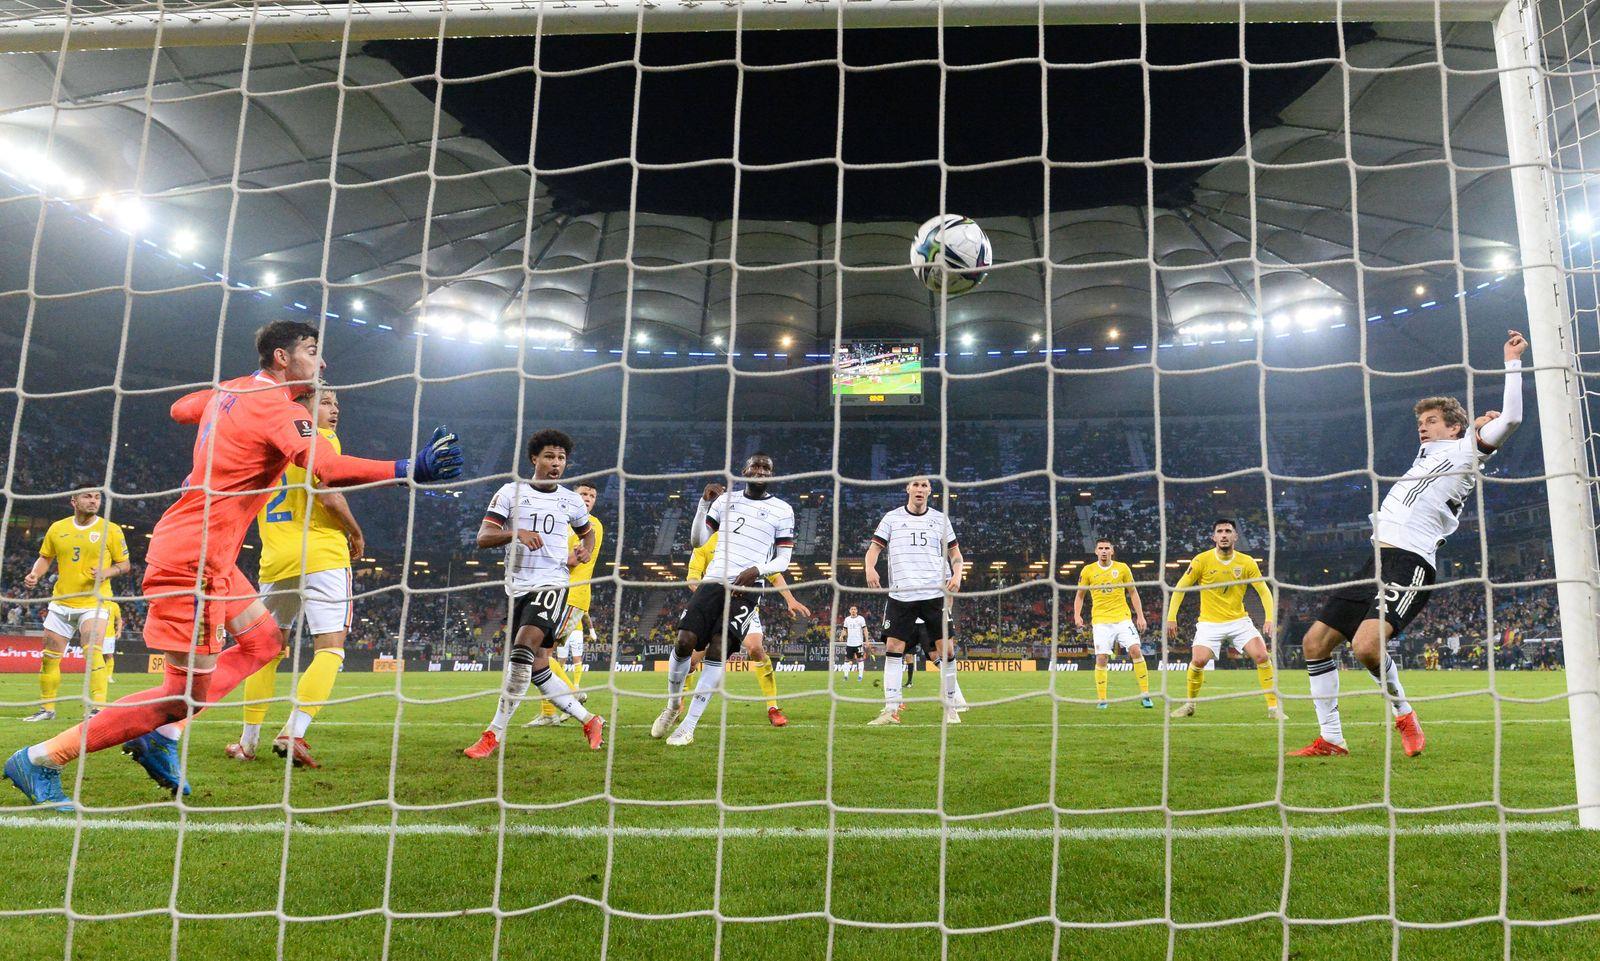 Fussball, Herren, Saison 2021/22, WM-Qualifikation (Gruppe J, 7. Spieltag) in Hamburg, Deutschland - Rumänien, v. r. Th